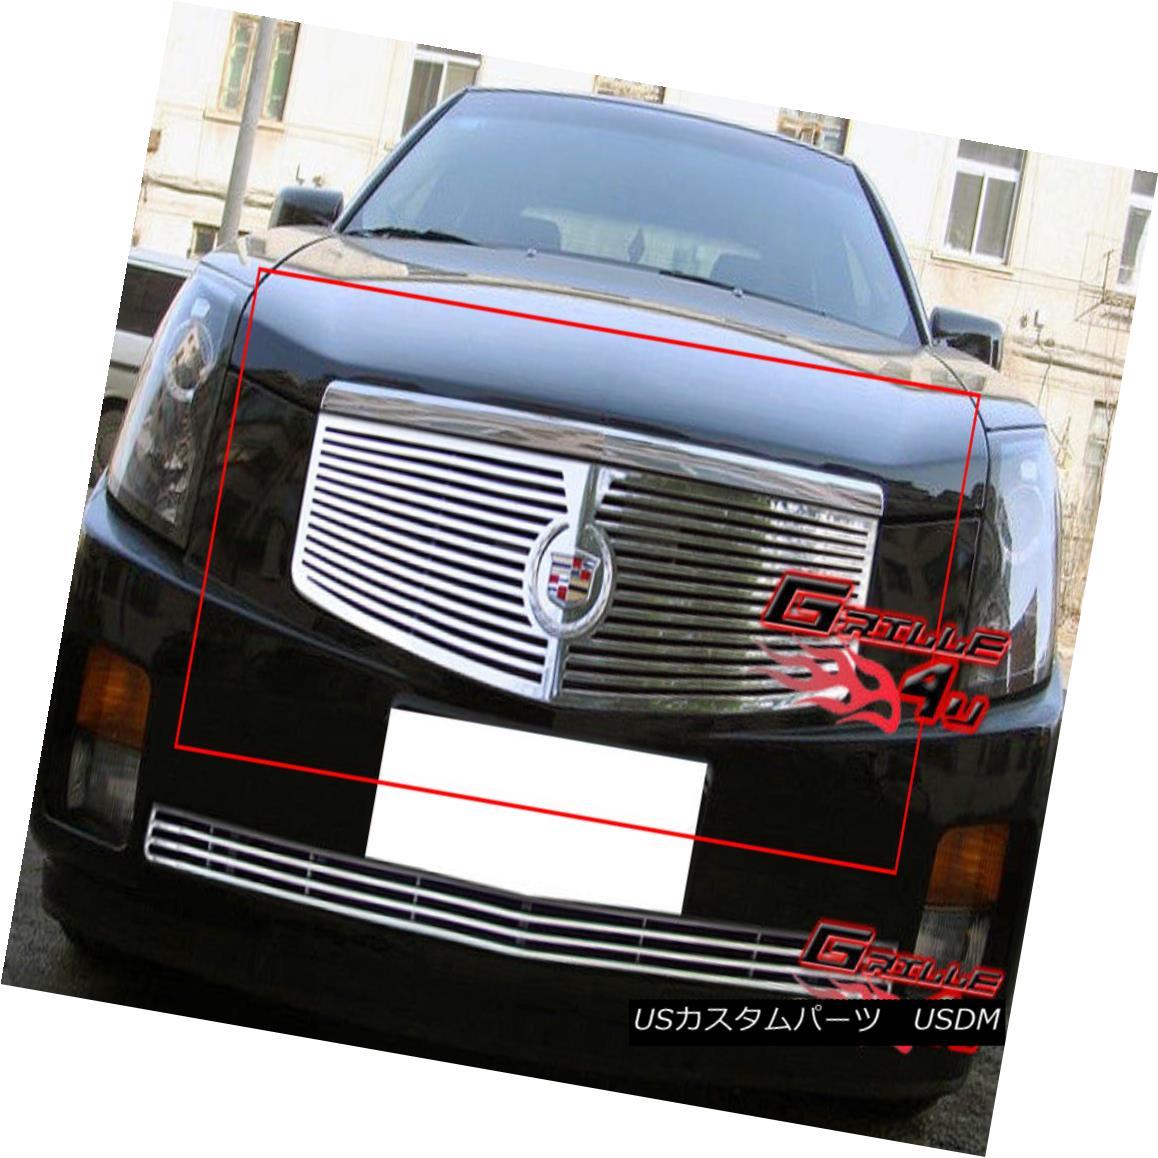 グリル Fits 2003-2007 Cadillac CTS Perimeter Grille Insert 2003-2007キャデラックCTSペリメーターグリルインサートに適合